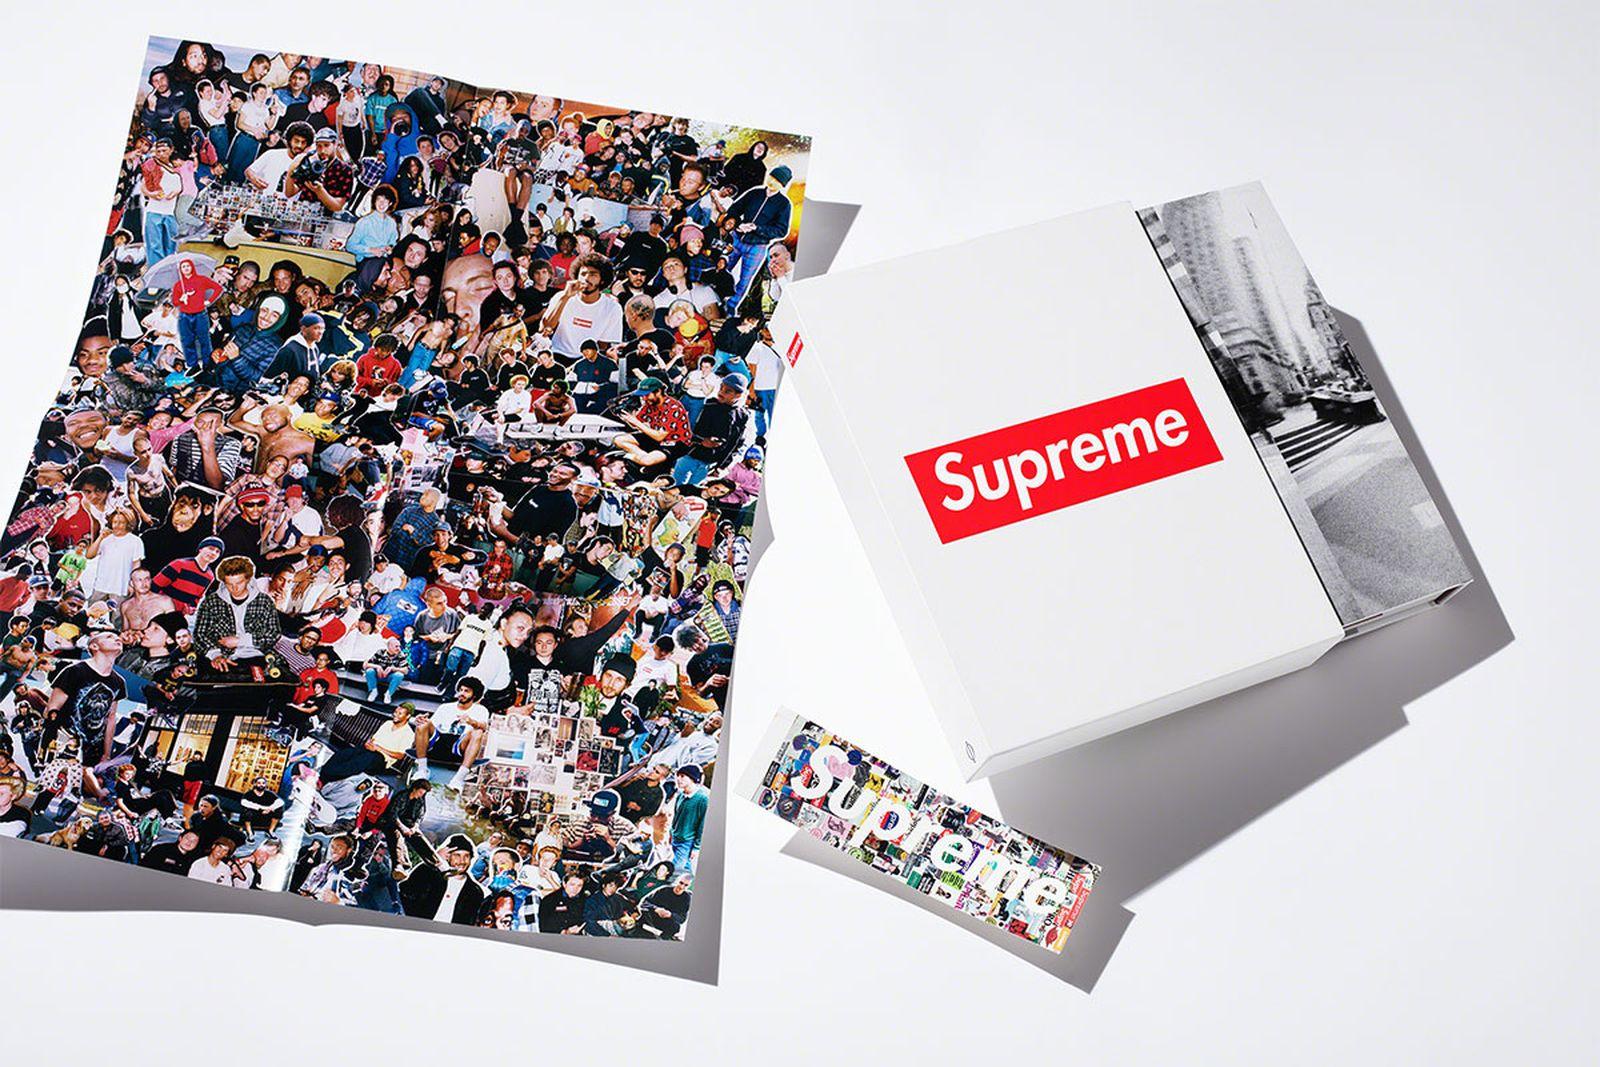 supreme-book-volume-2-07